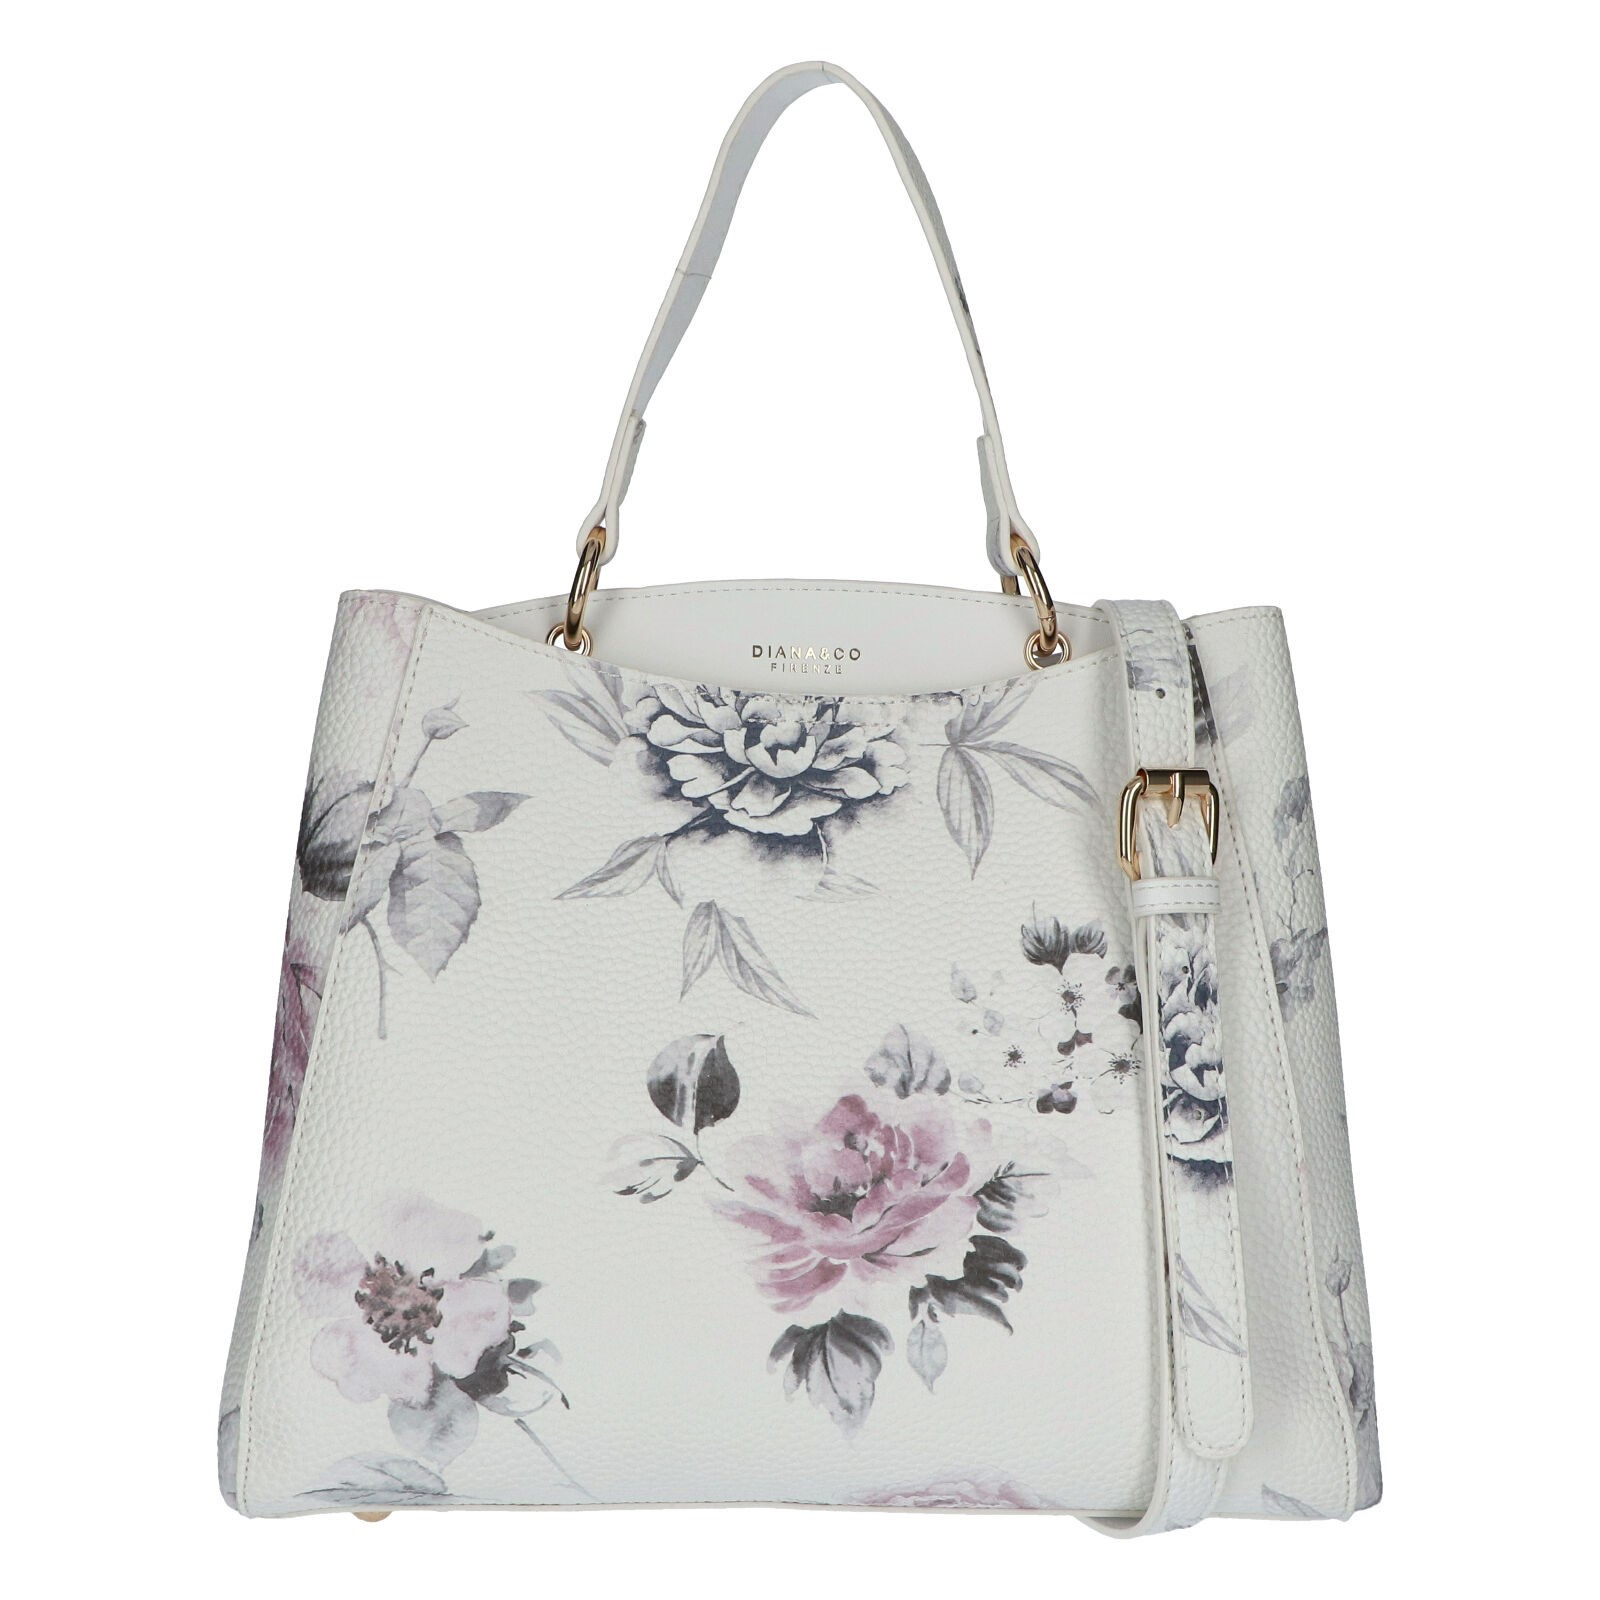 Dámská kabelka přes rameno bílá - DIANA & CO Florentina